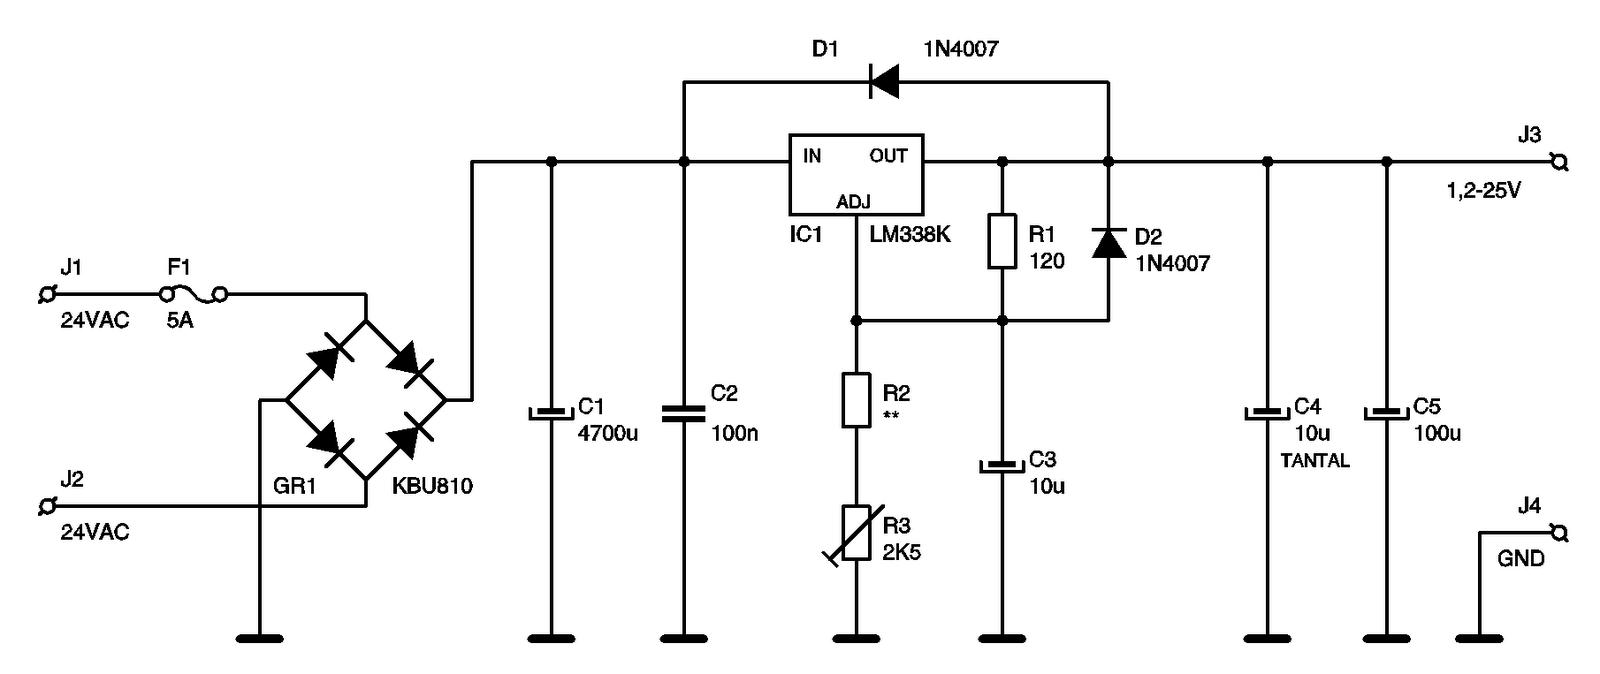 eletr u00f4nica as  esquema fonte vari u00e1vel com lm338k com